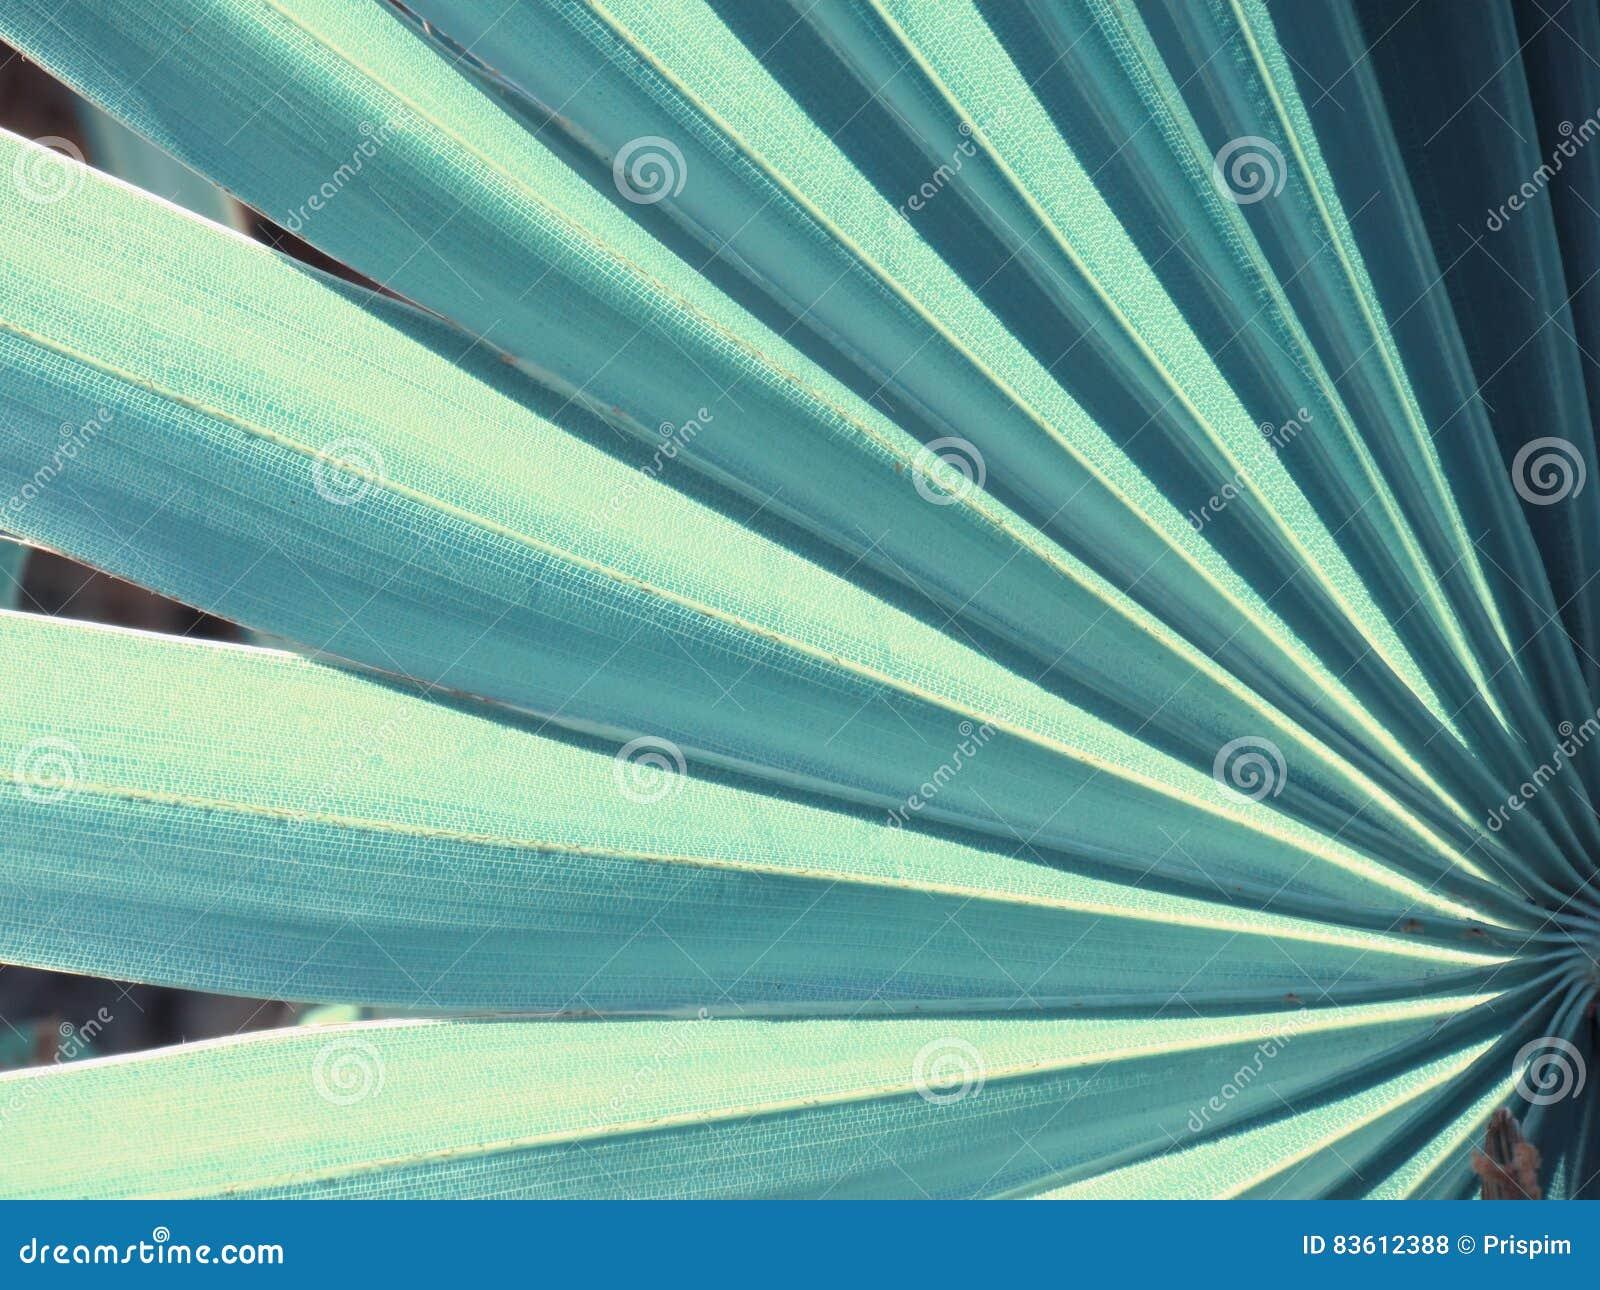 Textuur en patroon van een groen blad, uitstekende stijl